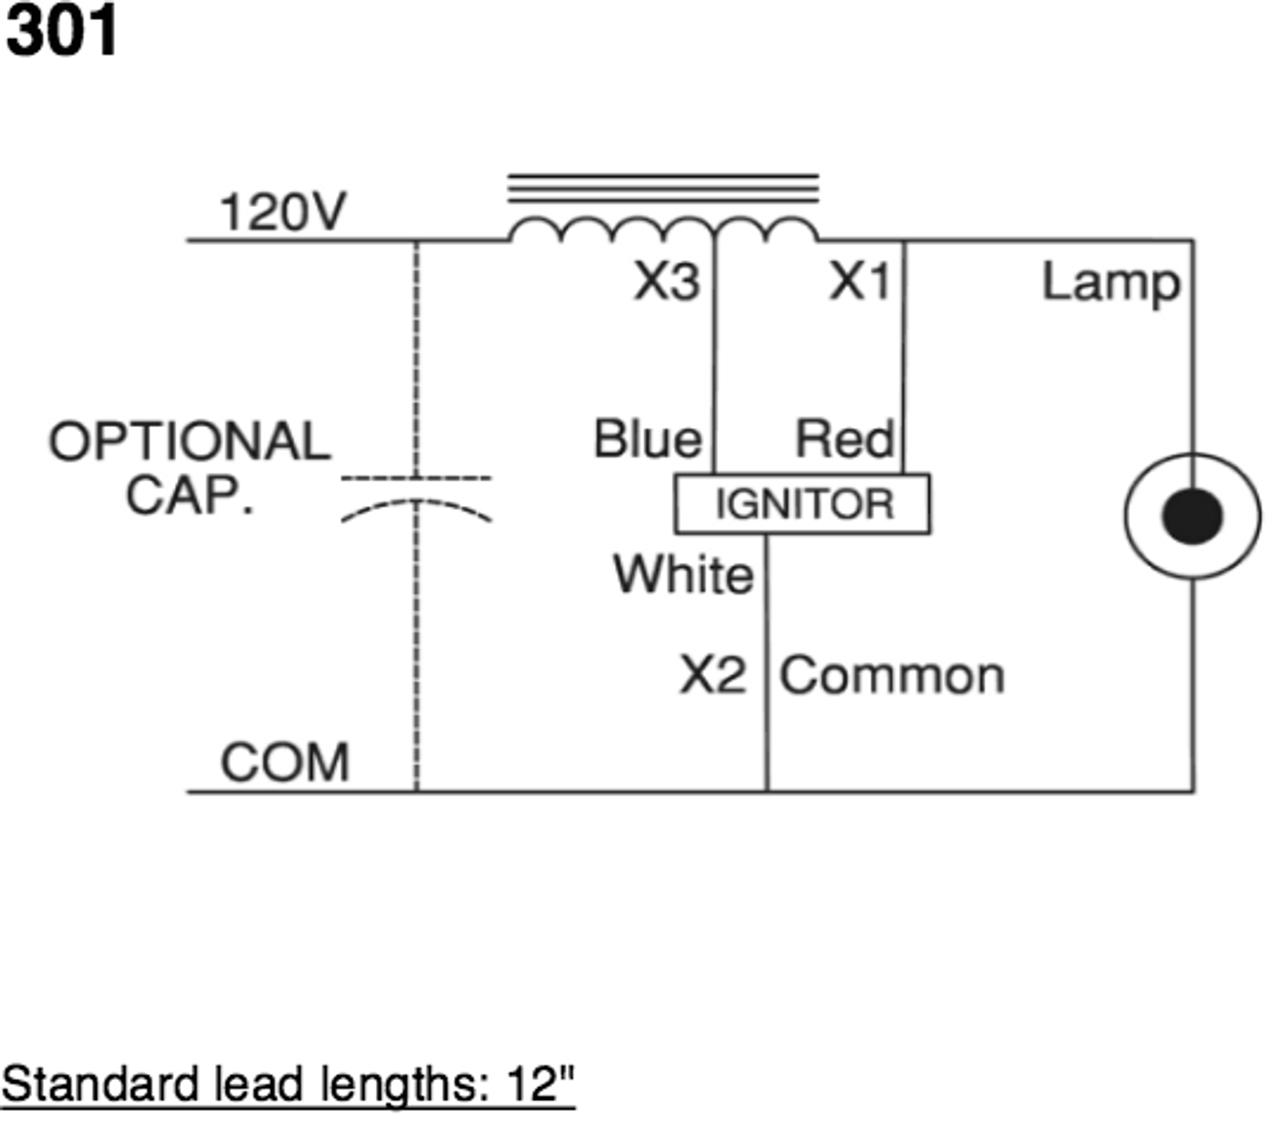 hight resolution of blu0050a04900 ballast blu0050a04900 kit blu0050a04900 wire diagram blu0050a04900 dimensions